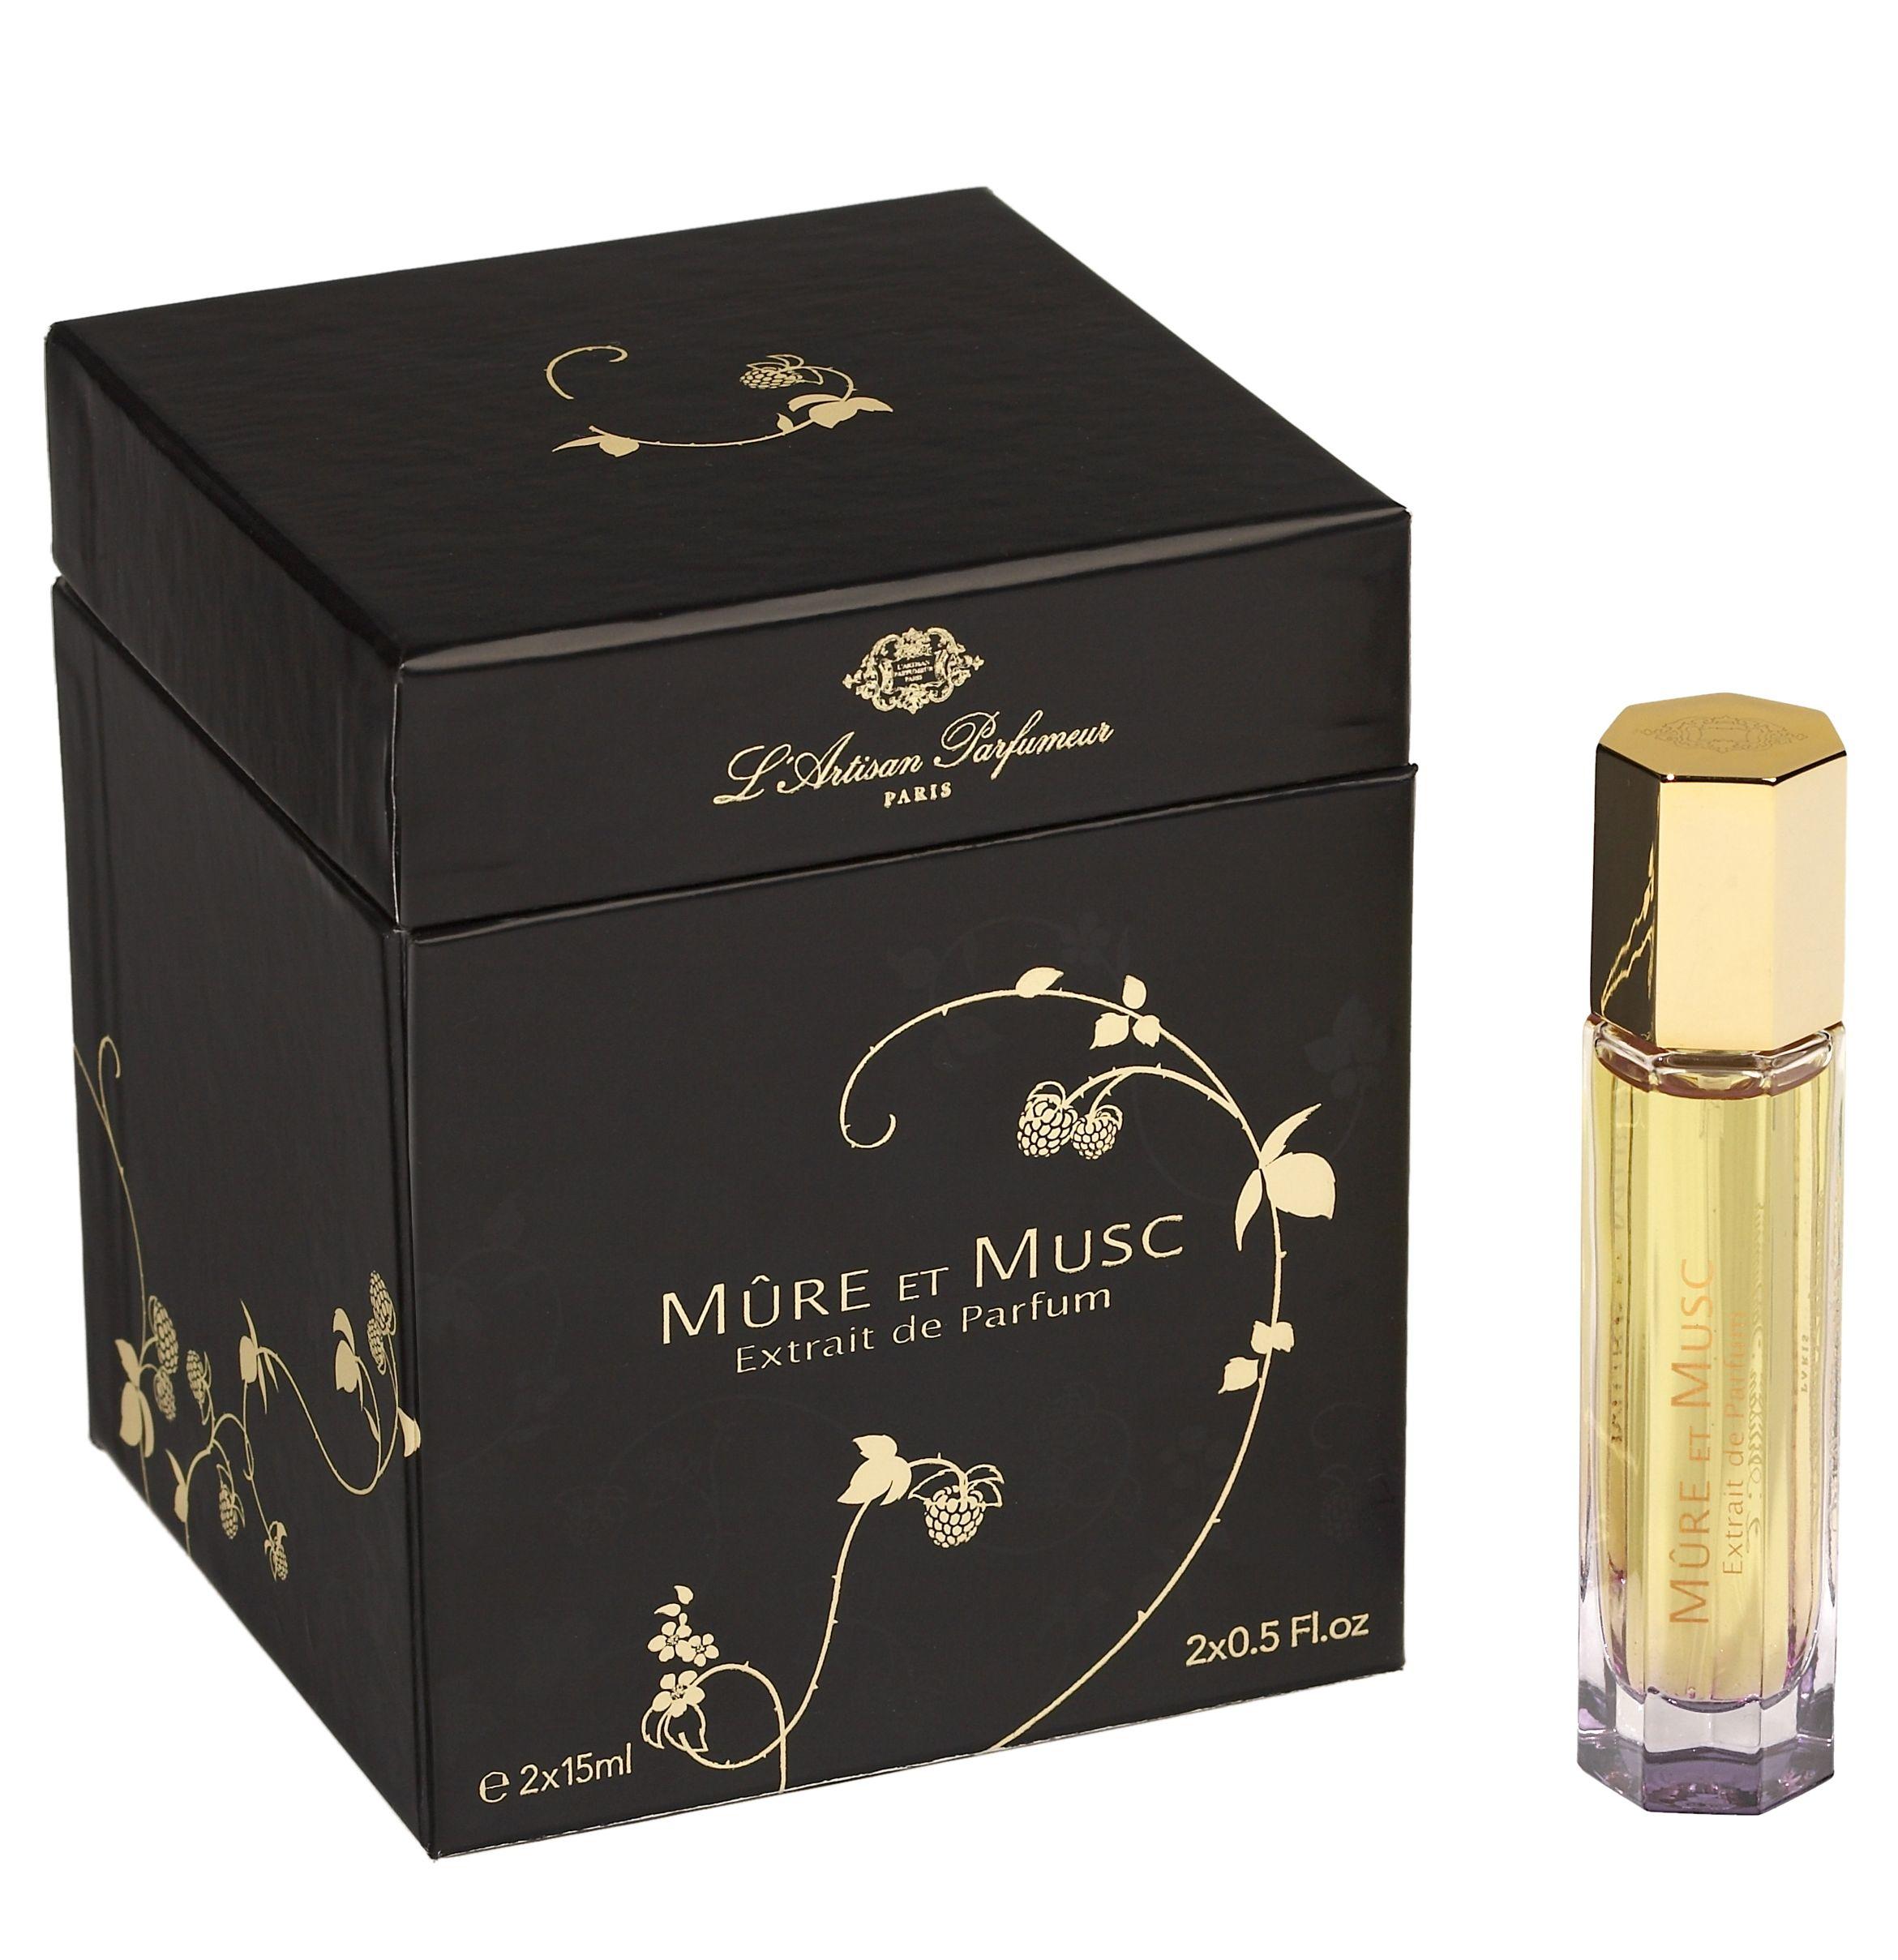 Mure et musc extrait de parfum l artisan parfumeur perfume for Mure et musc l artisan parfumeur